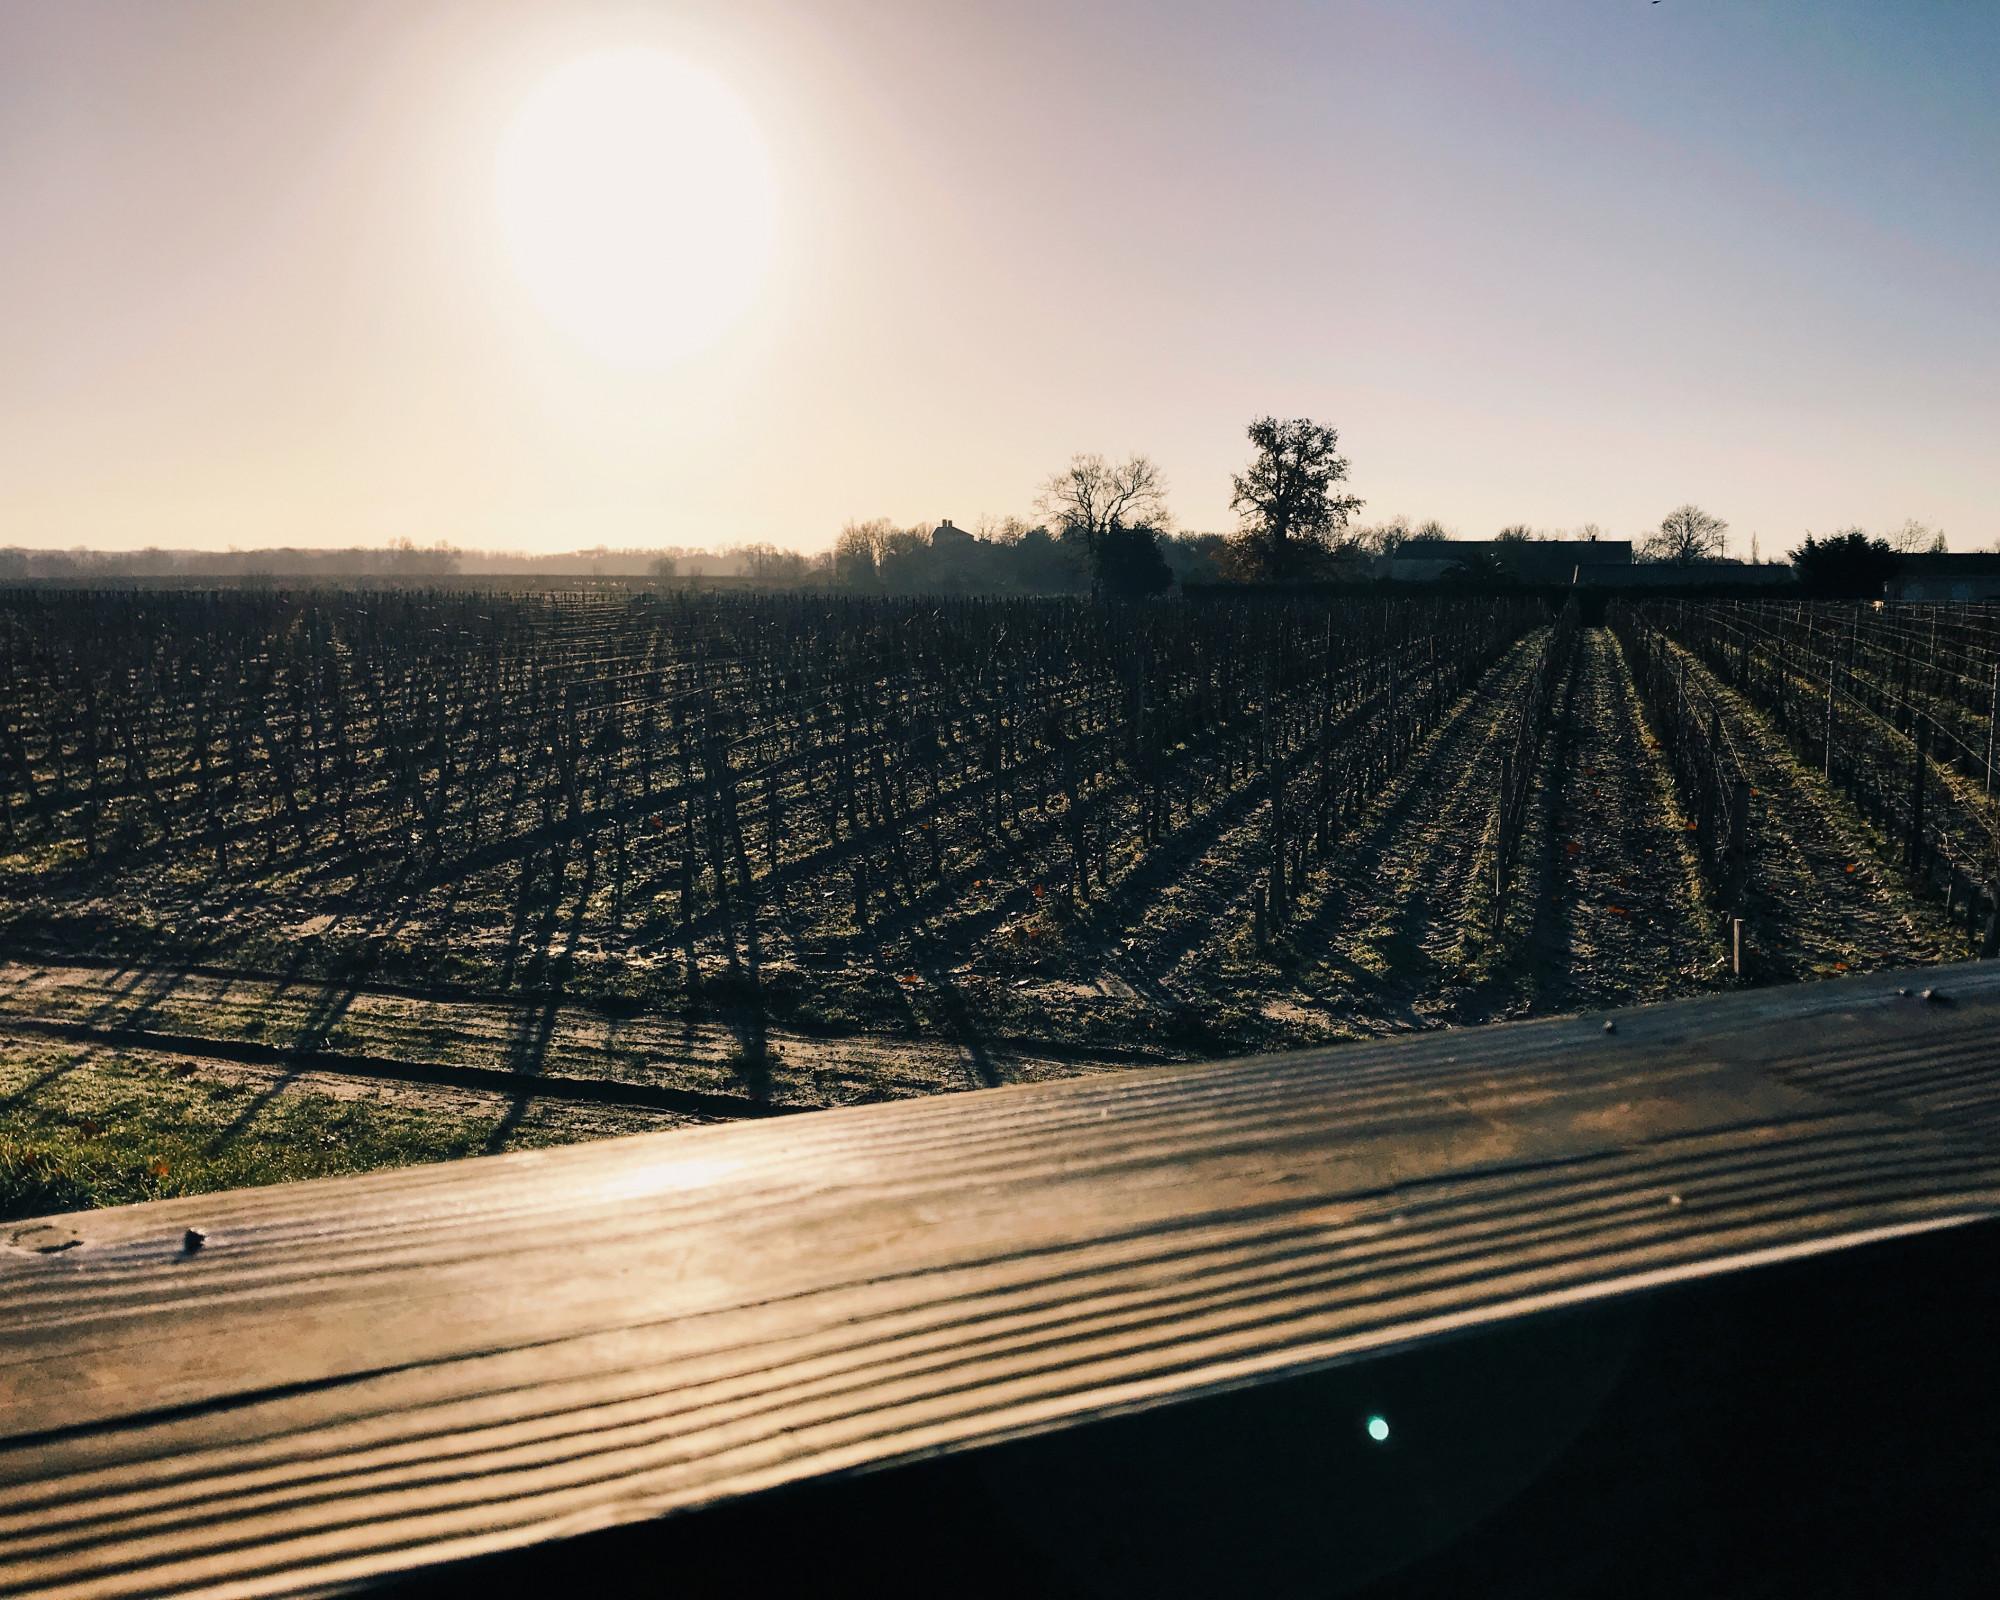 Photo 2: Chateau Lamothe-Bergeron, l'histoire du vin 2.0